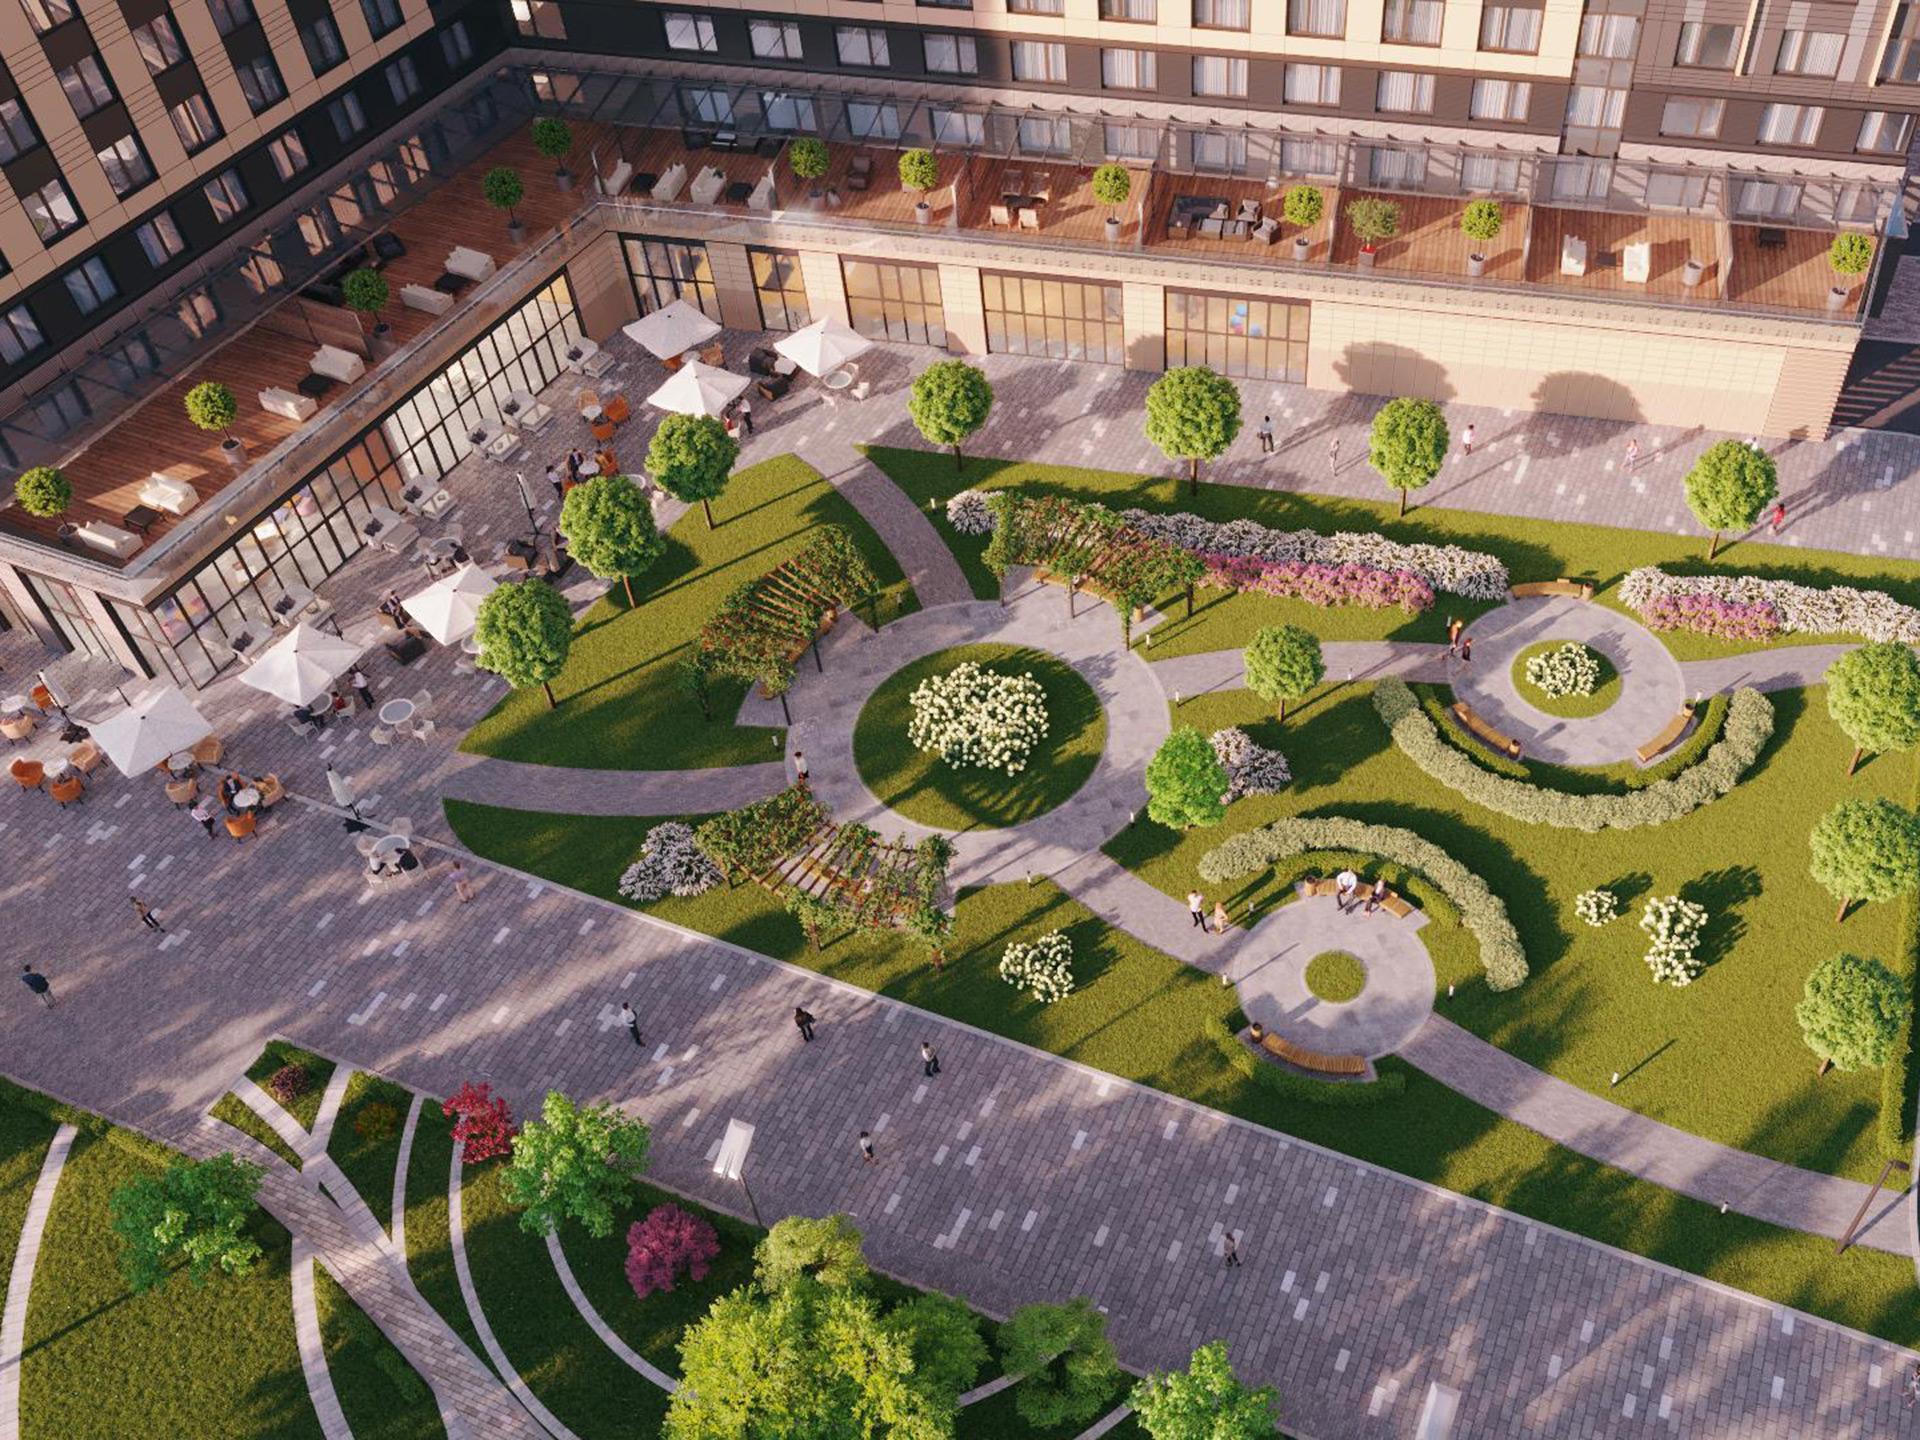 Апартамент One bedroom terrace в YE'S Botanica